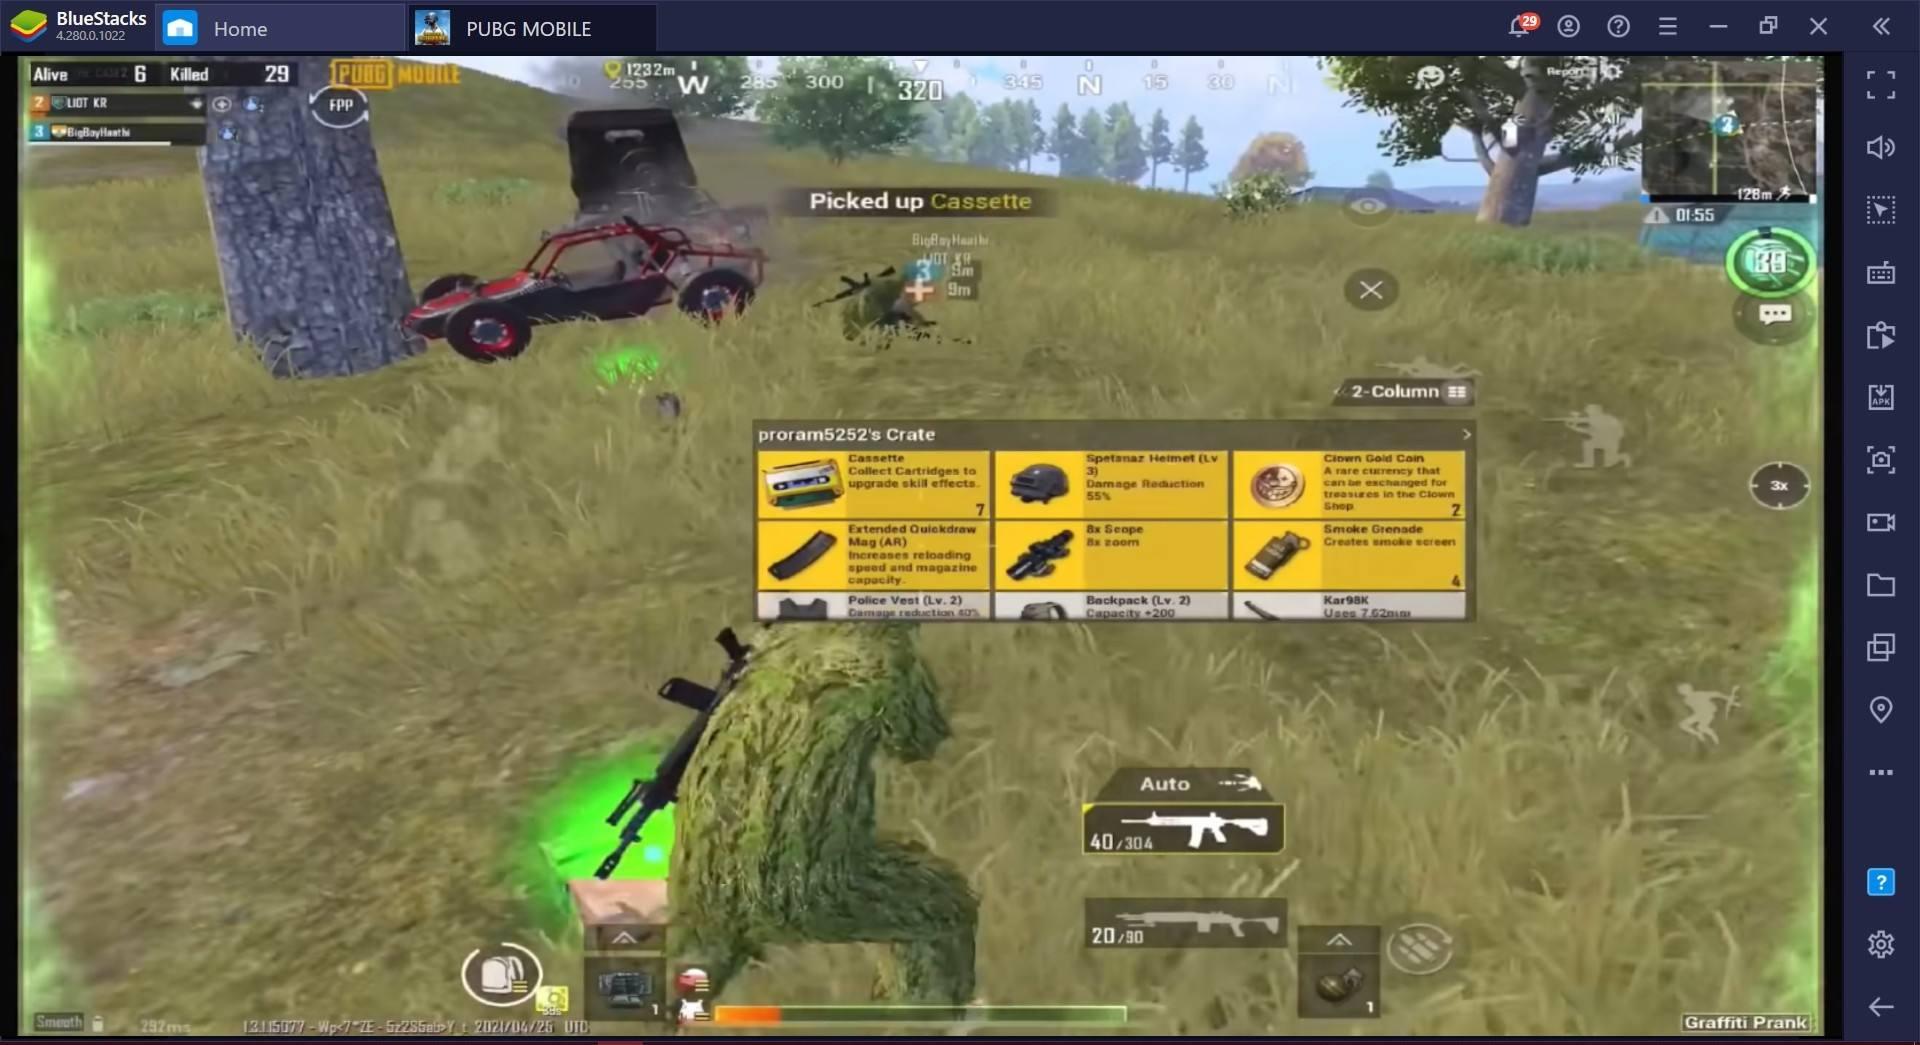 Chơi PUBG Mobile trên PC: Hướng dẫn bắn tỉa hiệu quả